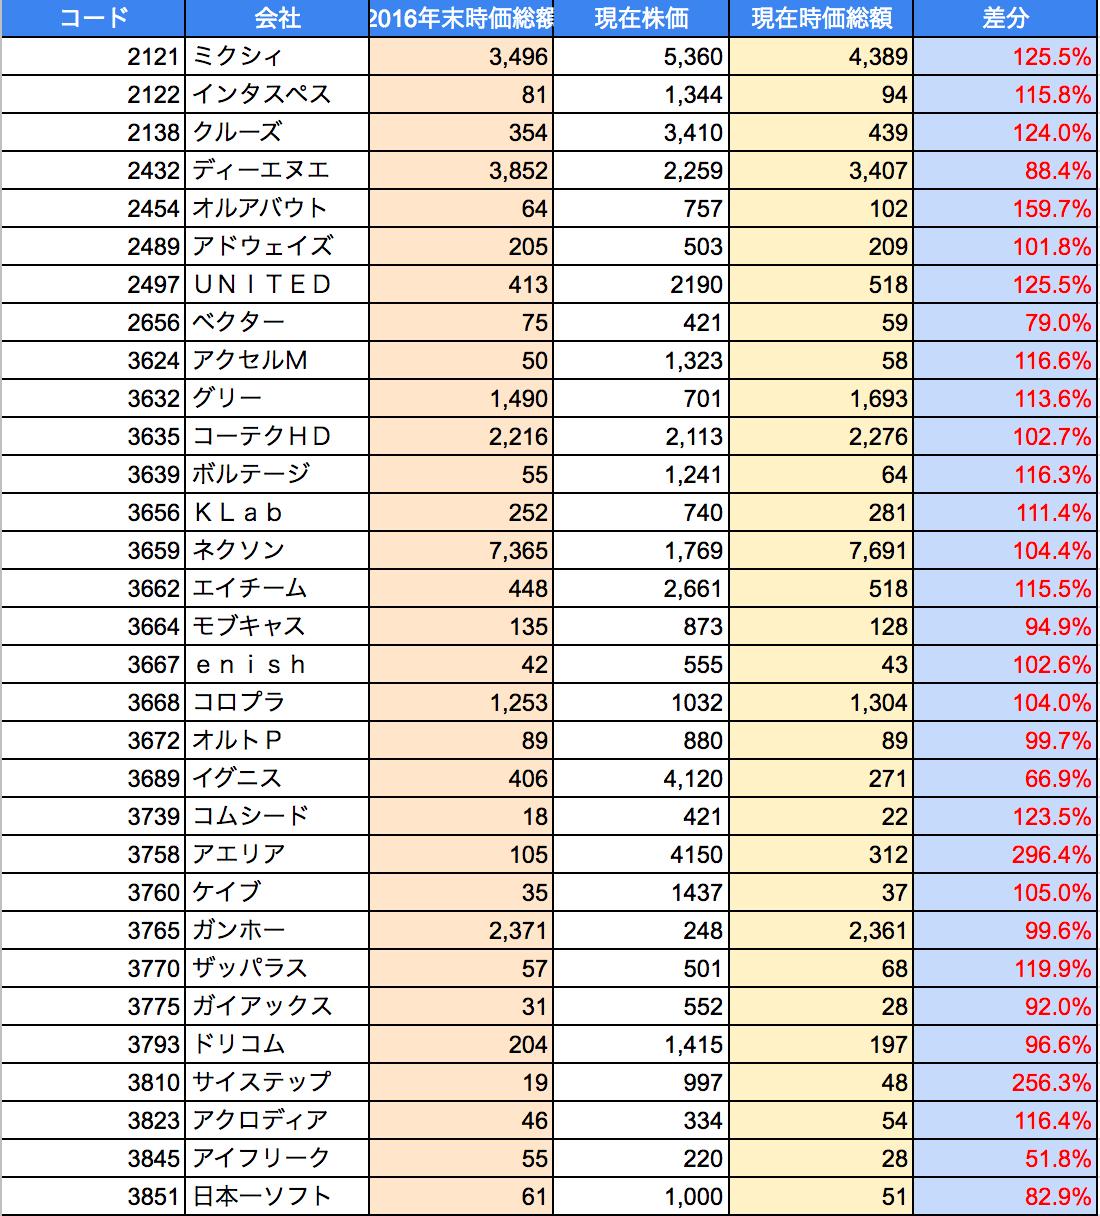 2017年3月ソシャゲ・ゲーム株騰落状況1